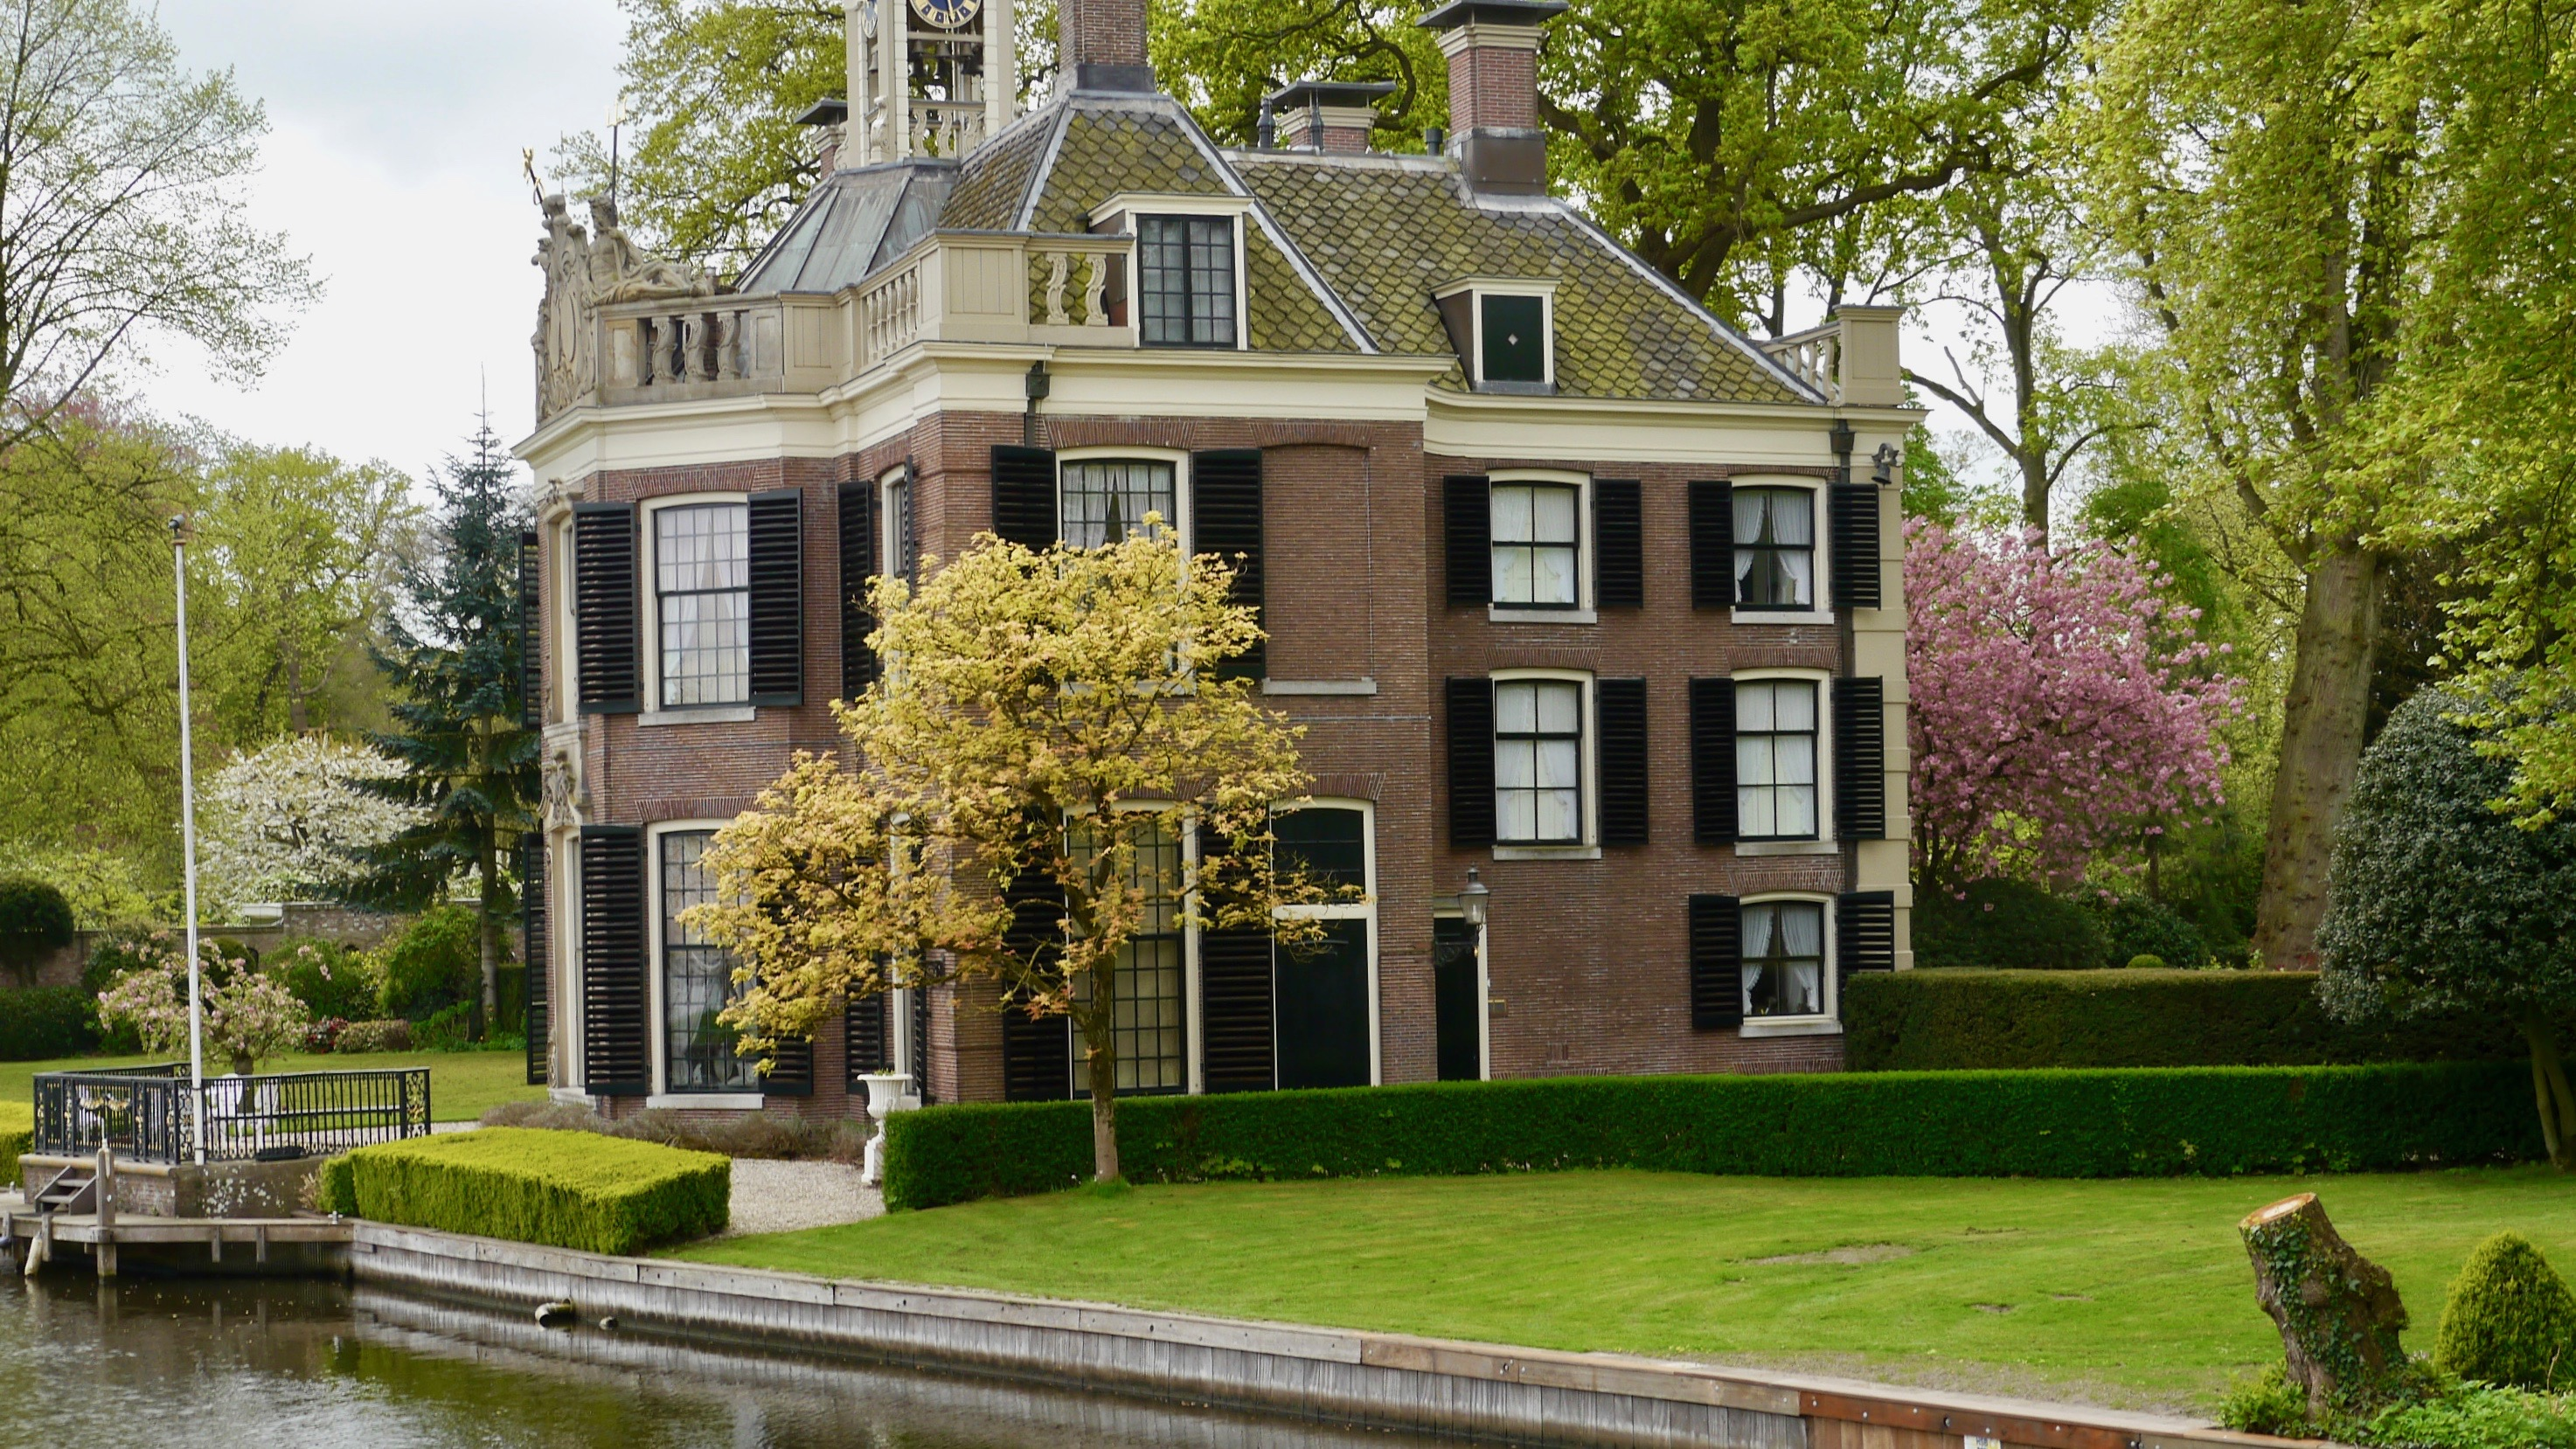 Rederij Loosdrecht De Porseleinhaven tegenover Boegspriet 11, 1231 HC Loosdrecht ook in uw navigatiesysteem te vinden als Oud-Loosdrechtsedijk 220, 1231 NG Loosdrecht (Wijdemeren)